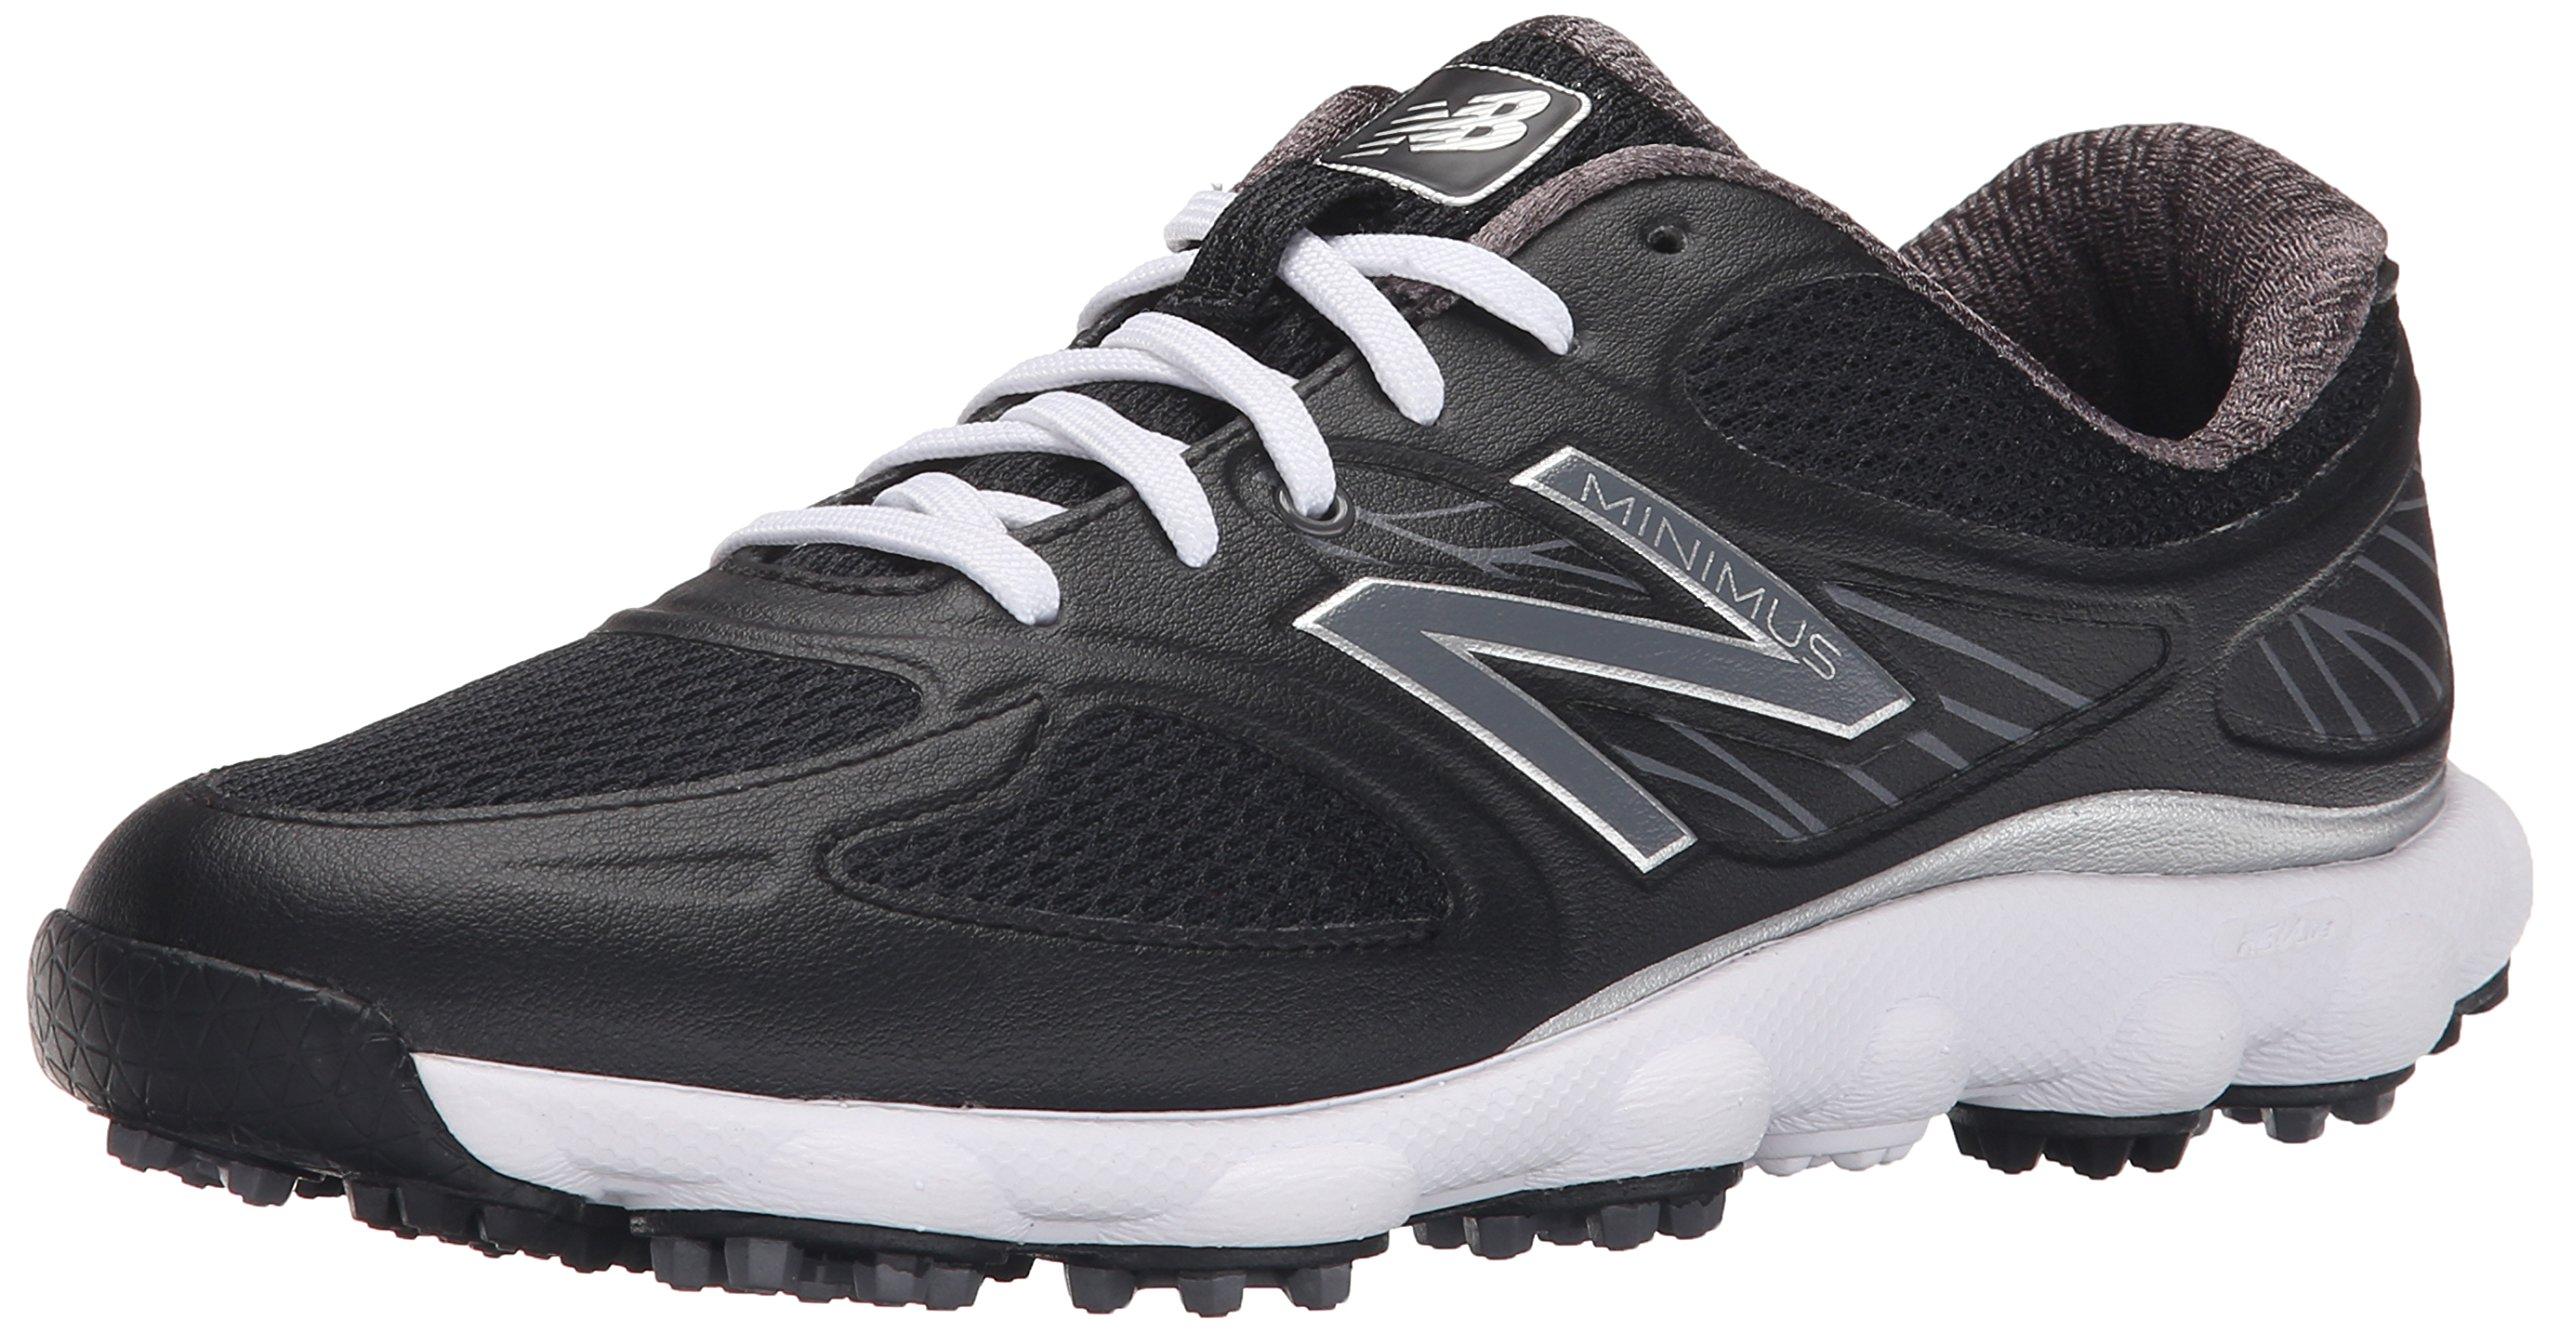 New Balance Women's Minimus Sport Spikeless Golf Shoe, Black, 7.5 B US